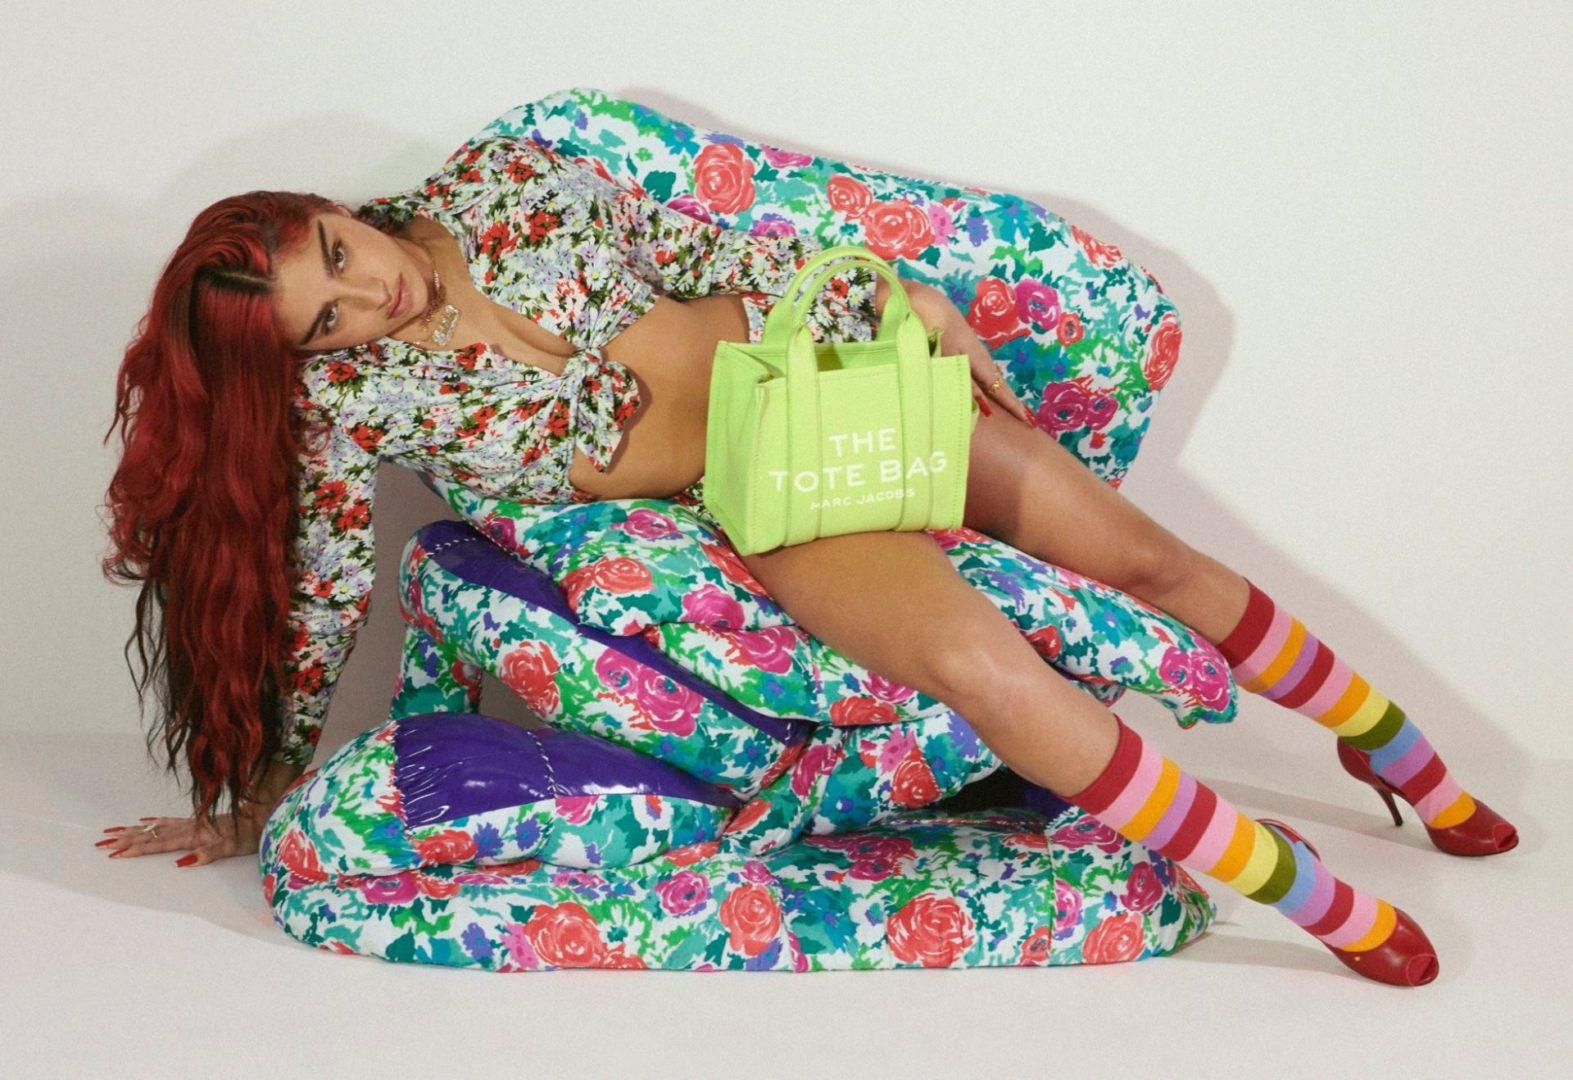 マーク ジェイコブスの2021年春夏キャンペーンにマドンナの娘ローデス・レオンが登場